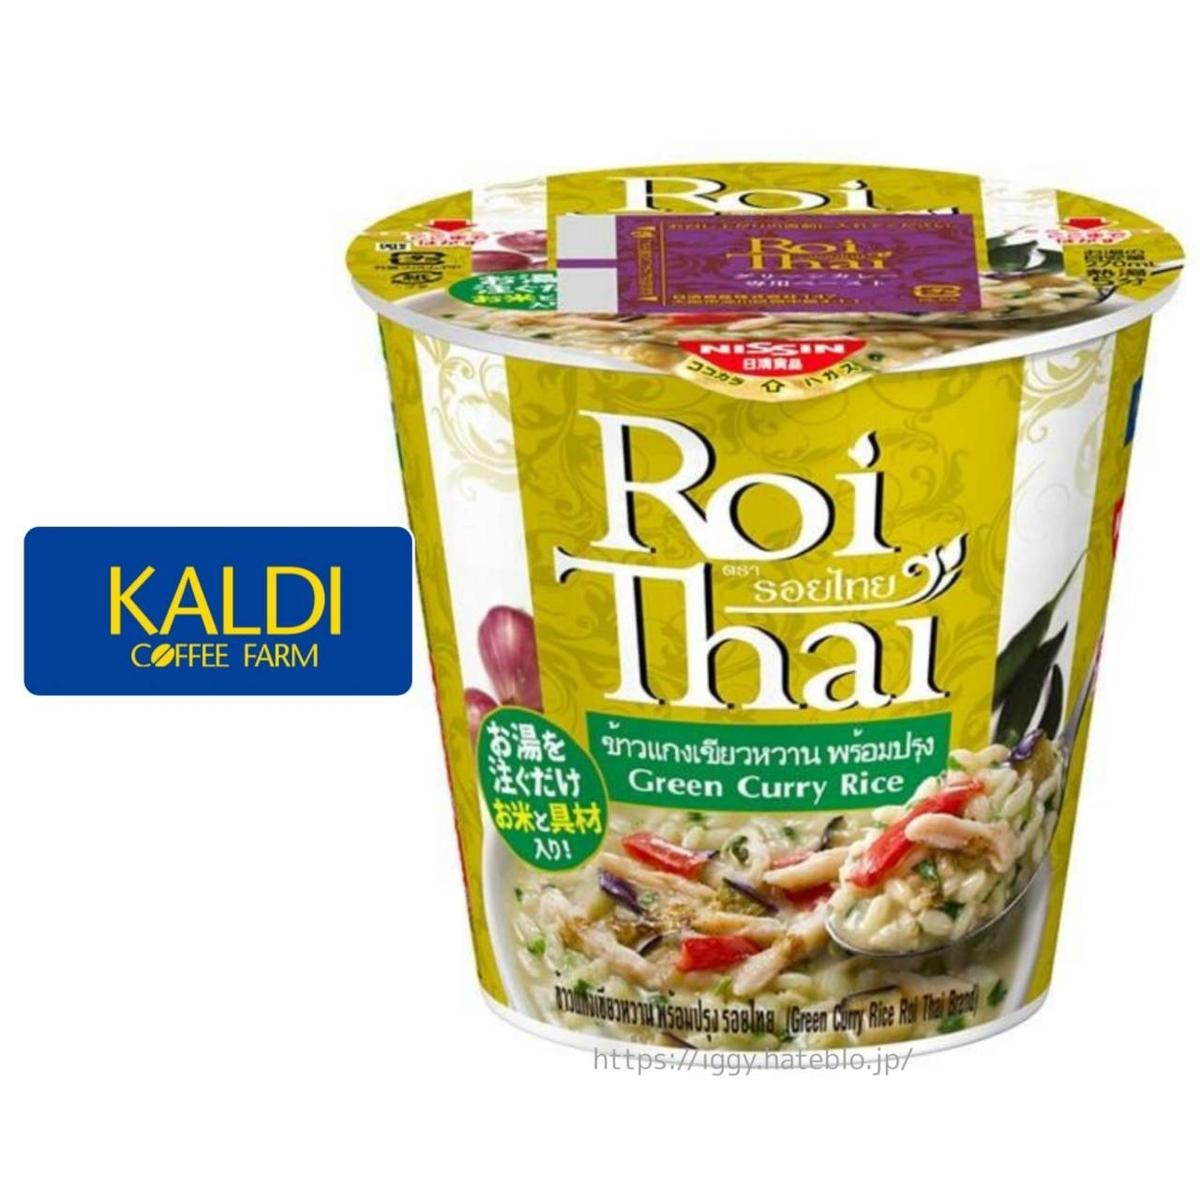 カルディ「Roi Thai(ロイタイ)グリーンカレーライス」LIFE